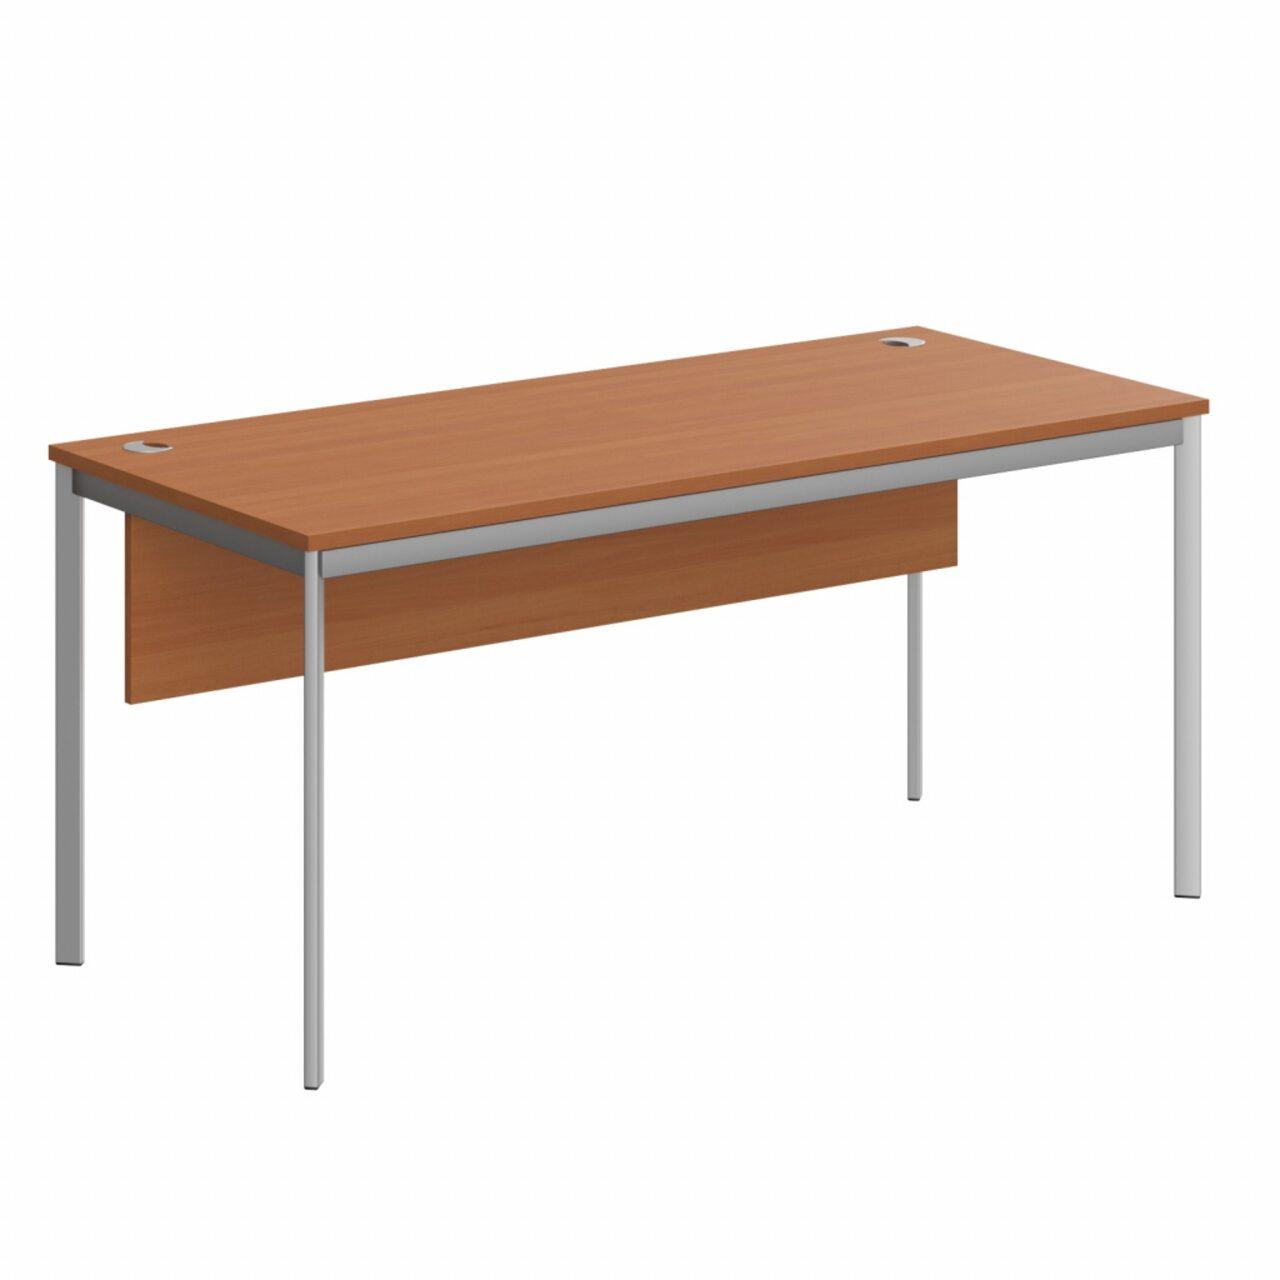 Стол прямой с фрональной панелью  IMAGO-S 72x160x76 - фото 1